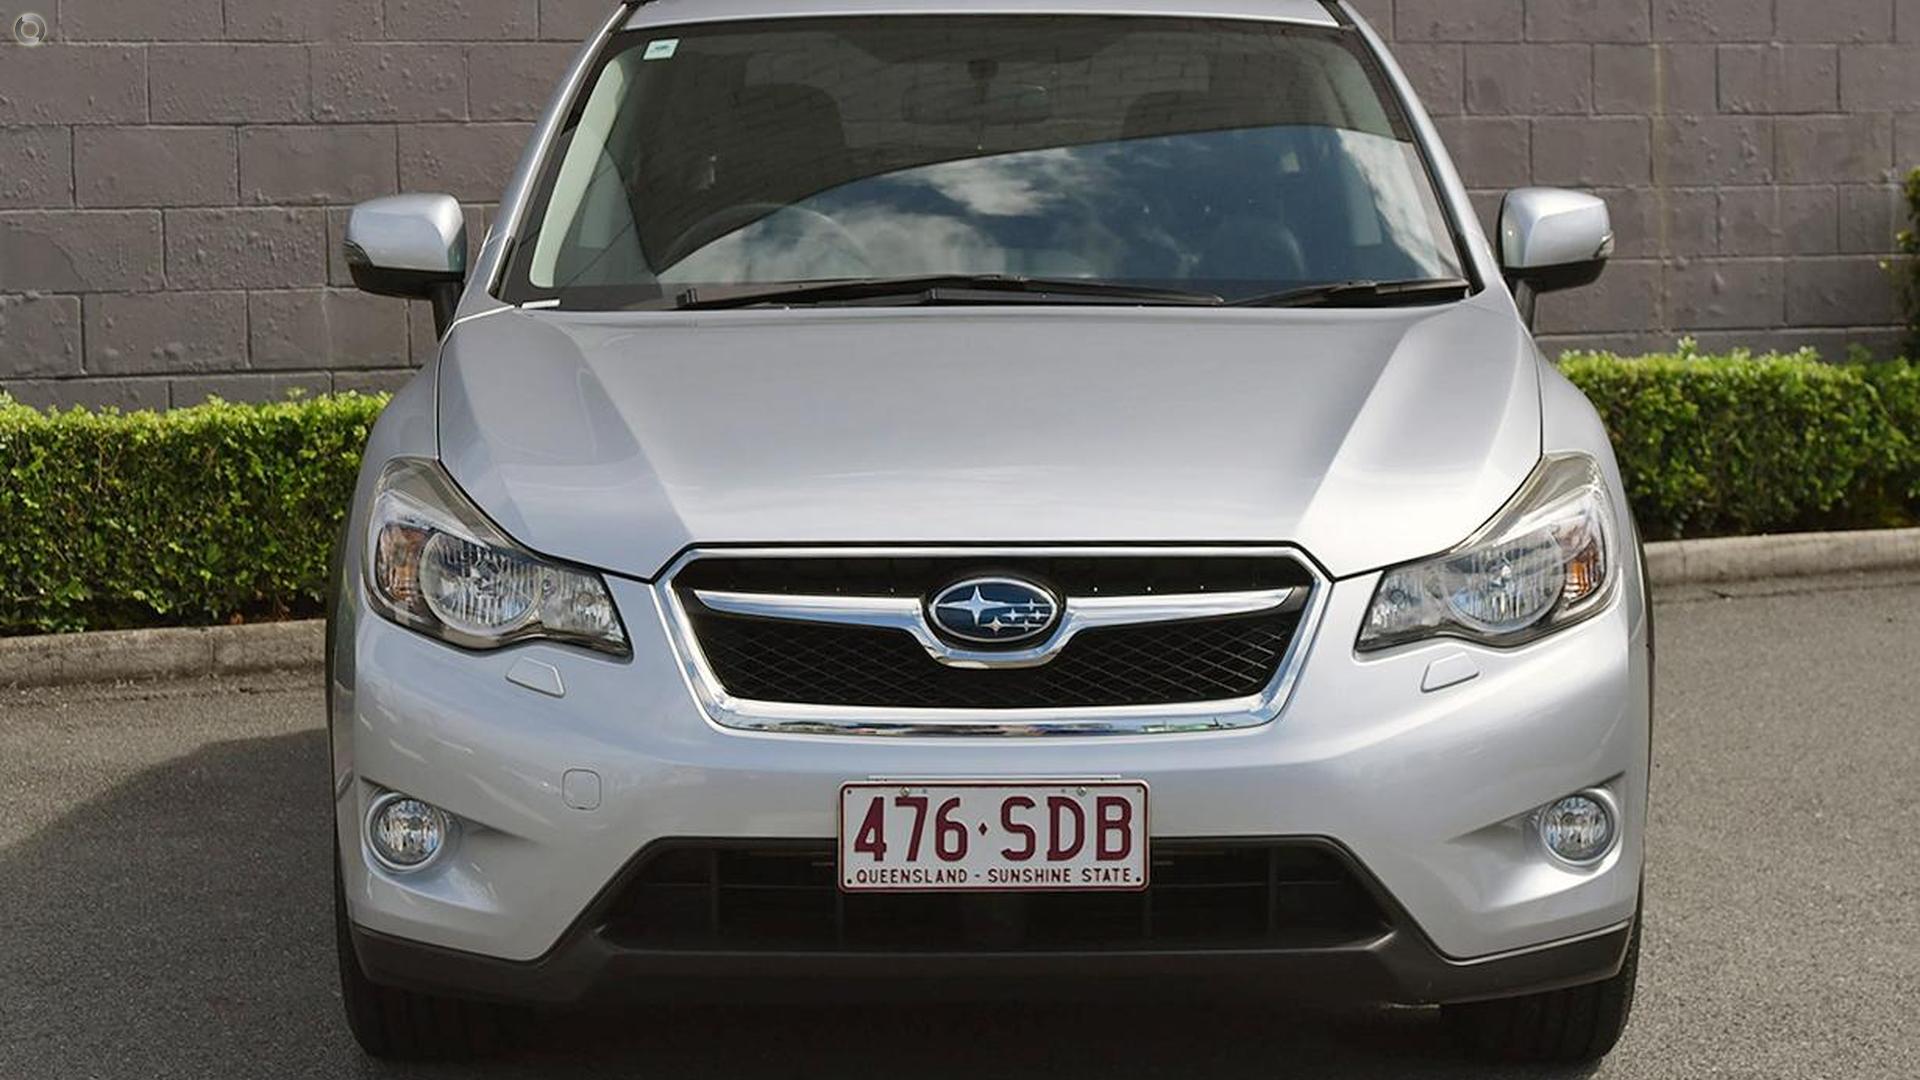 2012 Subaru Xv 2.0i-S G4X